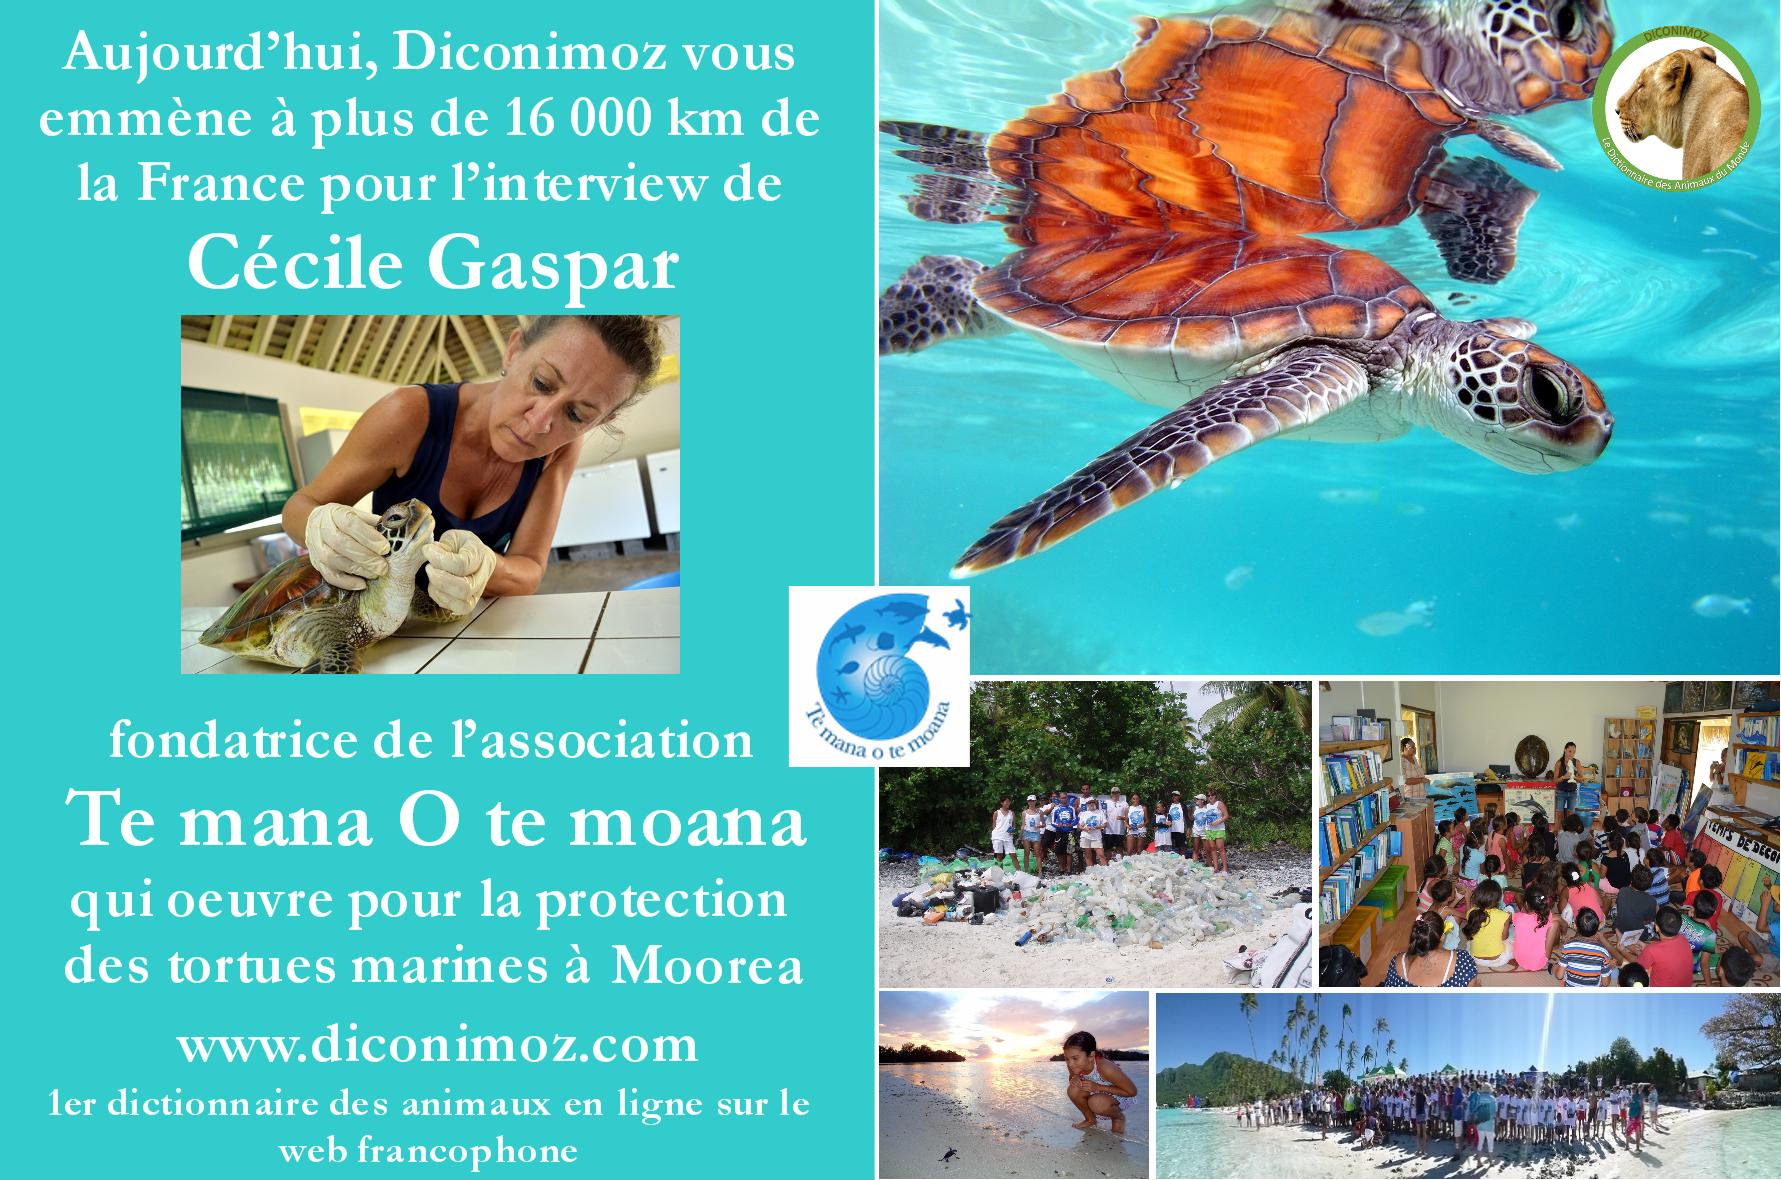 Diconimoz vous emmène en Polynésie Française, pour une toute nouvelle interview !